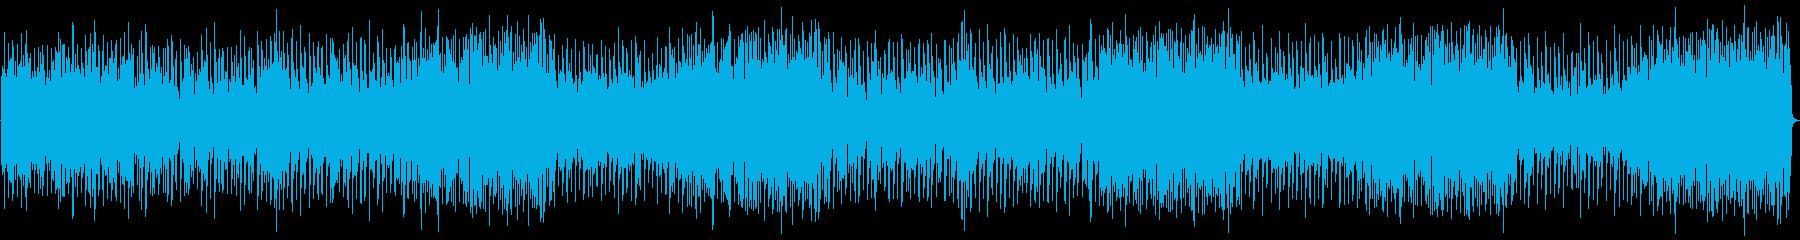 明るくモダンなオリジナルのクリスマ...の再生済みの波形